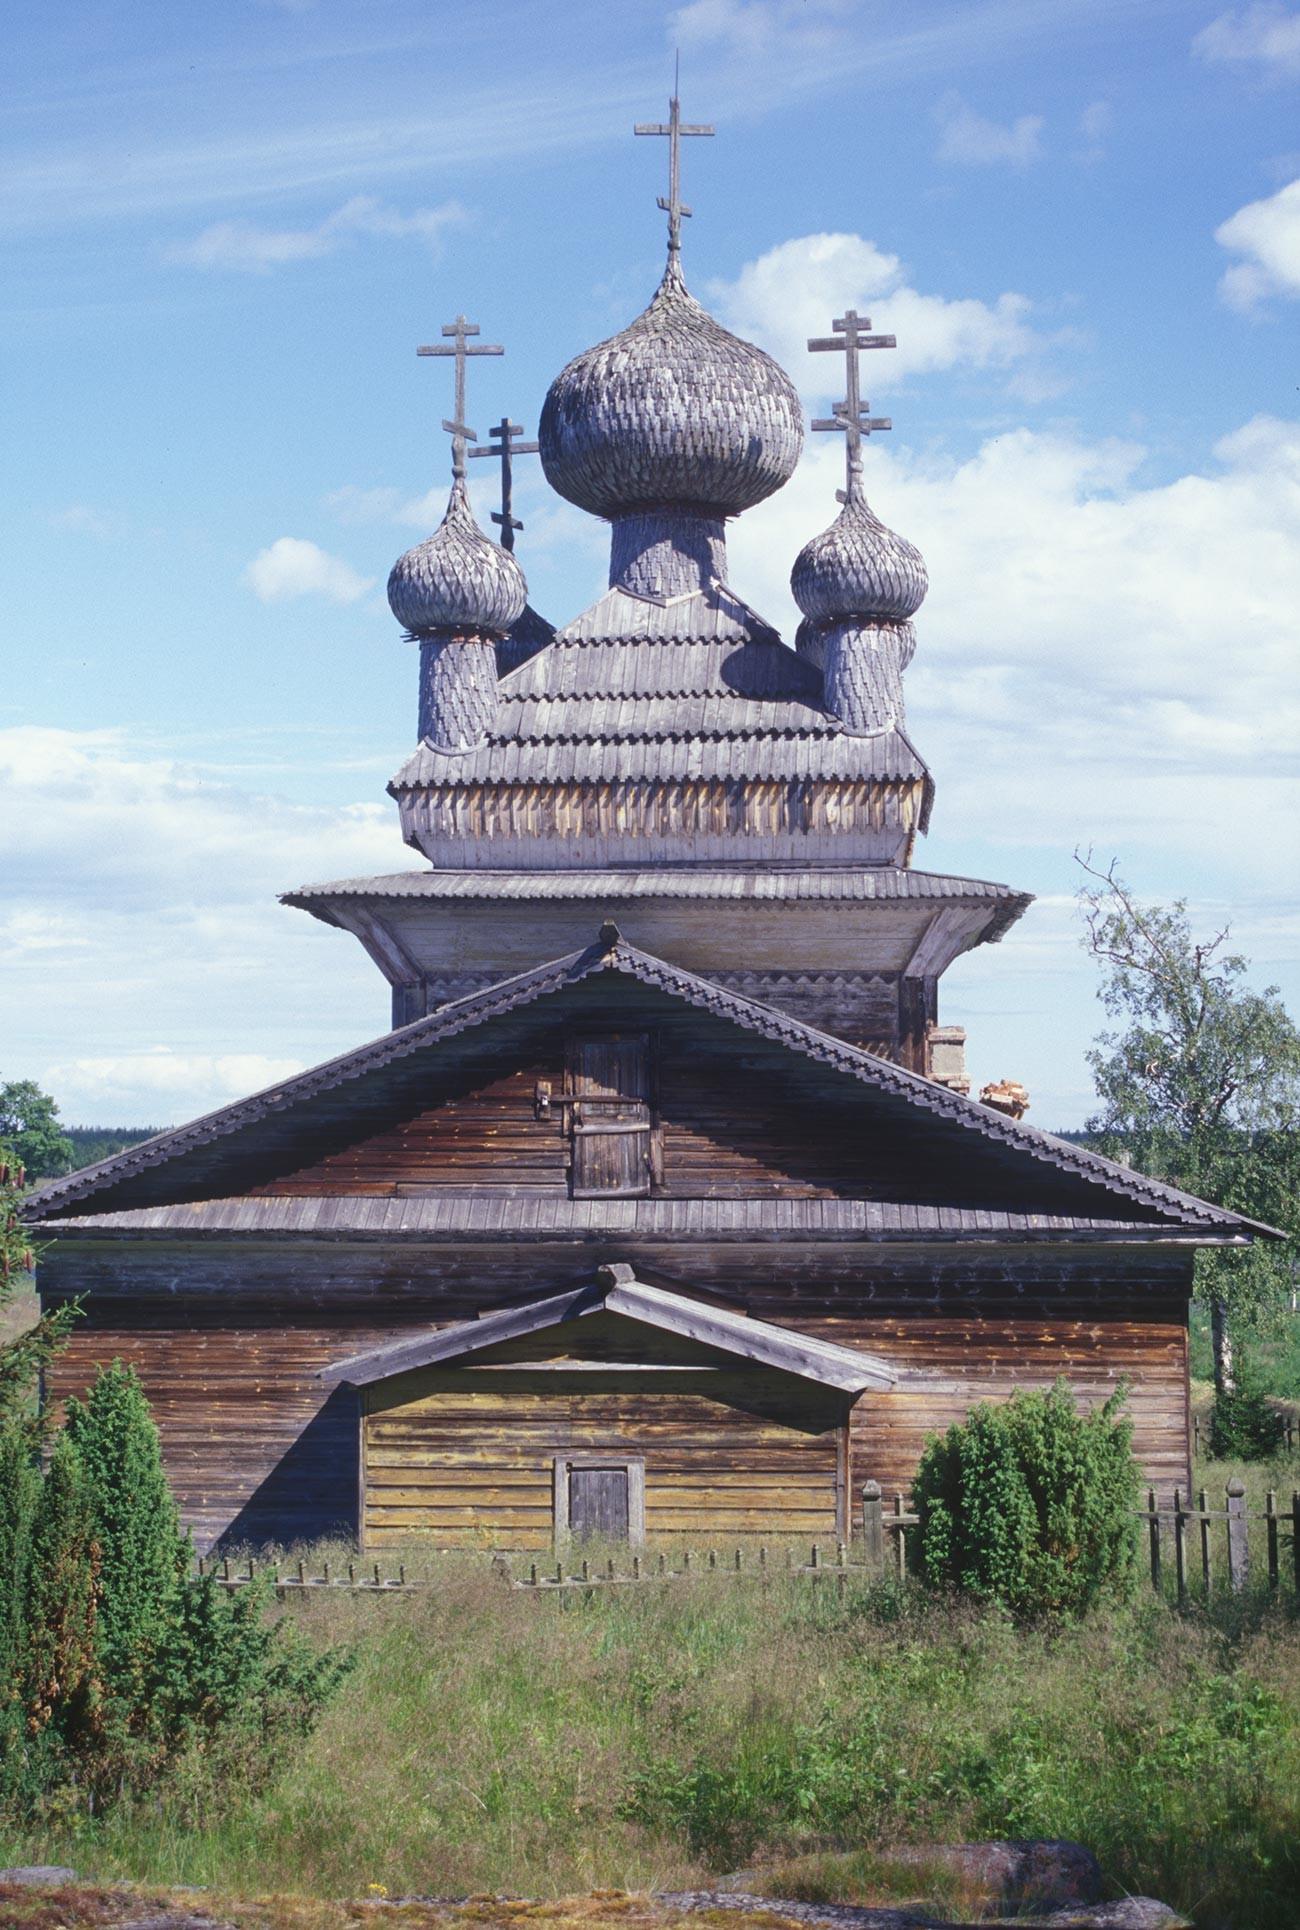 ヴィルマ村。「聖ピョートルと聖パーヴェル教会(聖ペテロと聖パウロ教会)」。西側。丸太を組み、羽目板をサイディングしている。2000年7月7日。